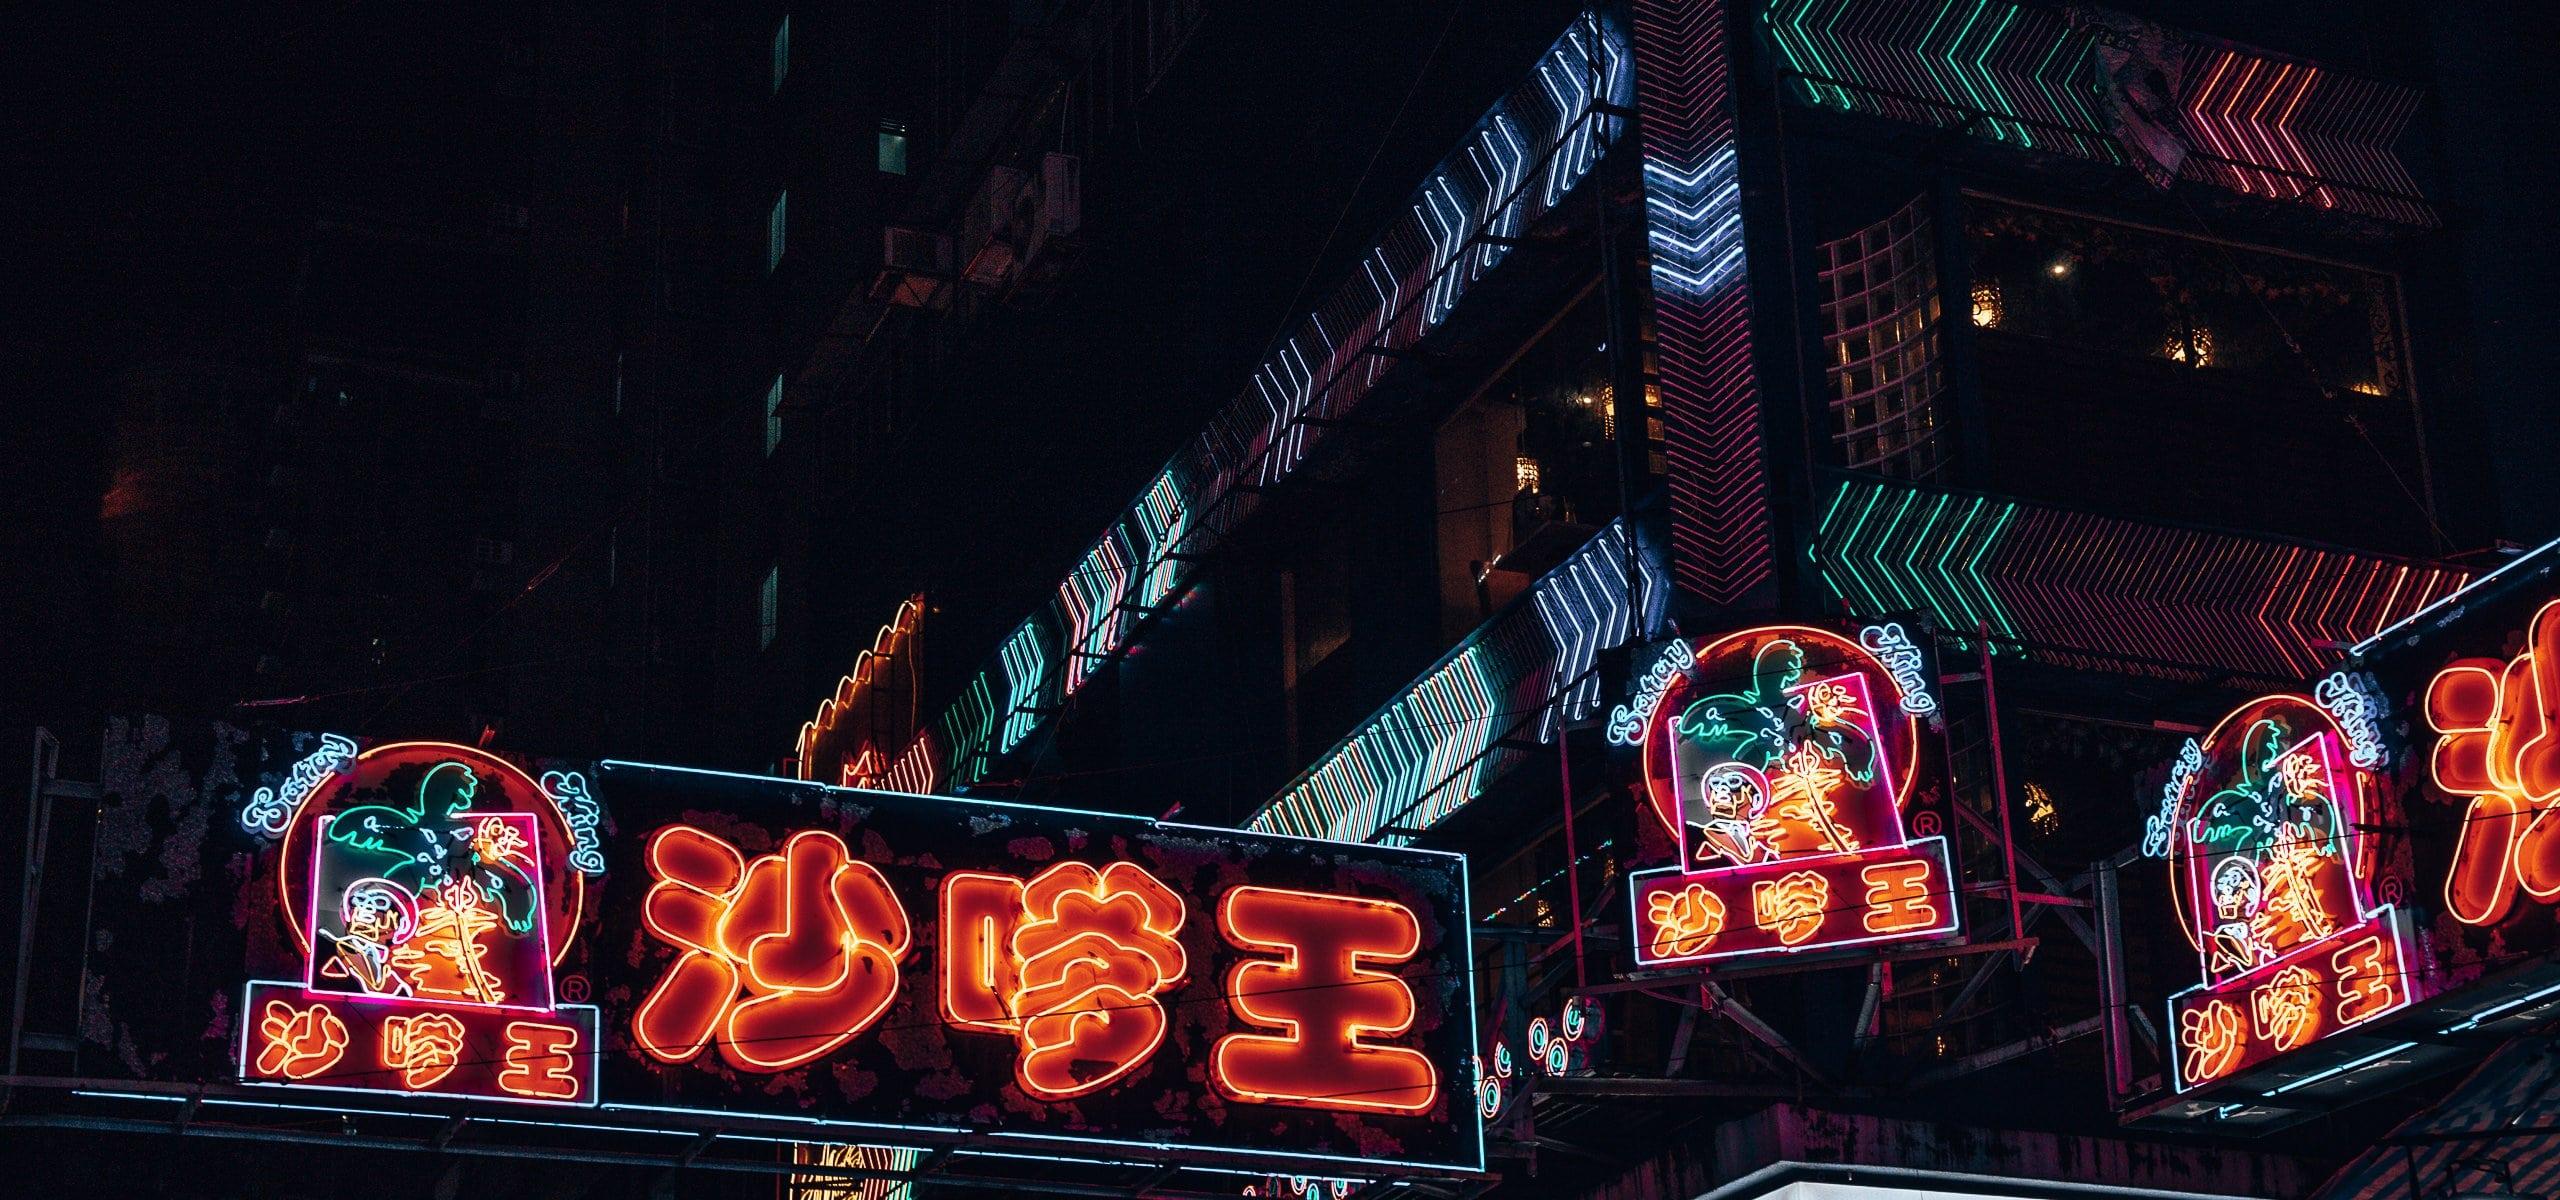 Under Neon Lights In Mong Kok, Hong Kong